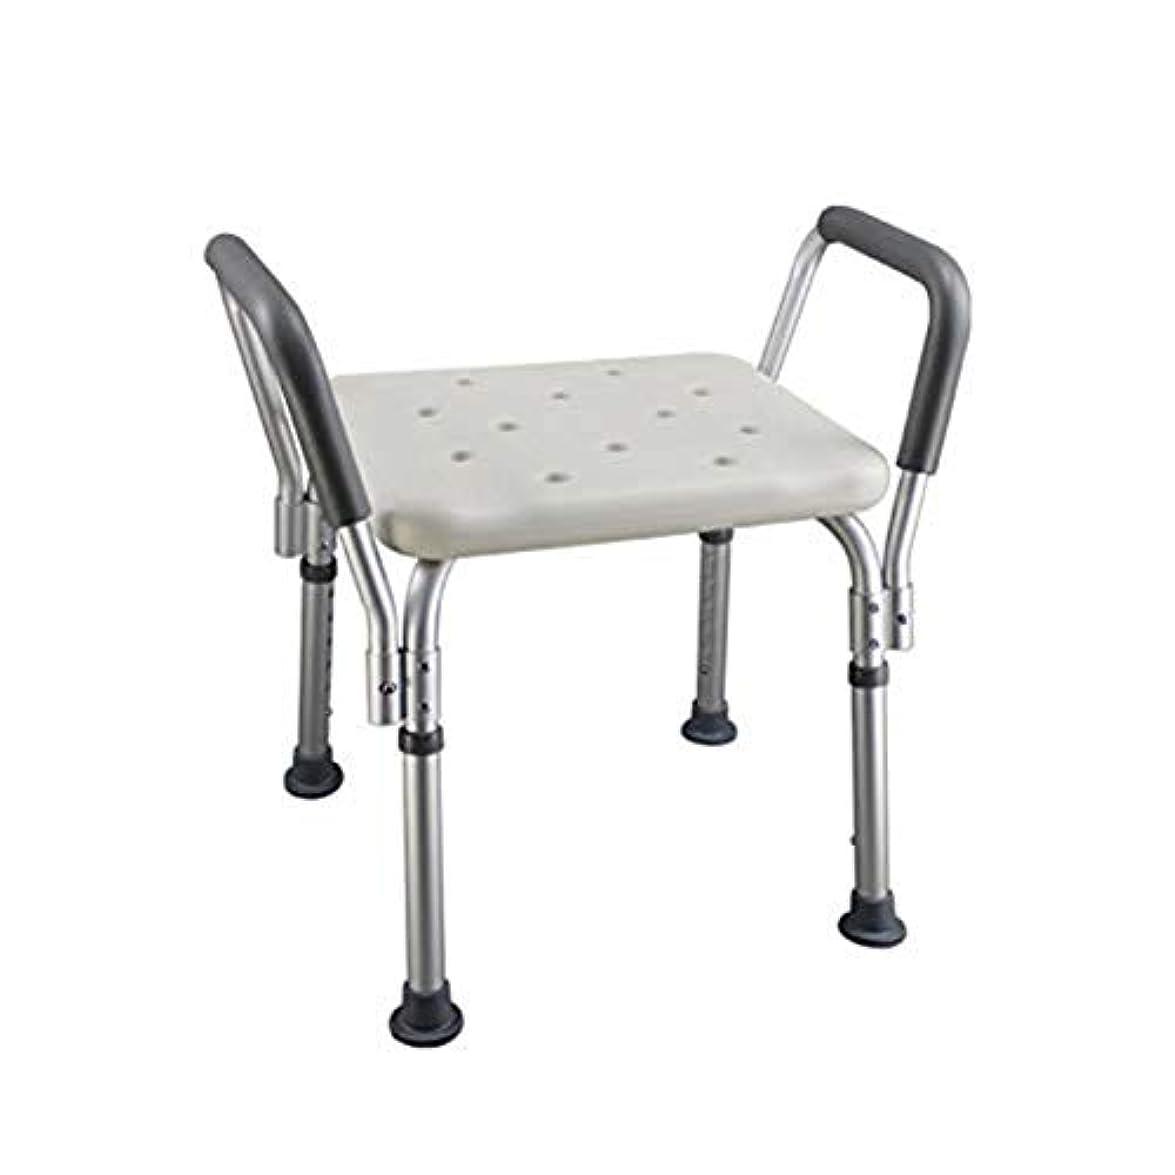 スナッチいとこ導入するトイレチェアハンディキャップ用折りたたみ椅子